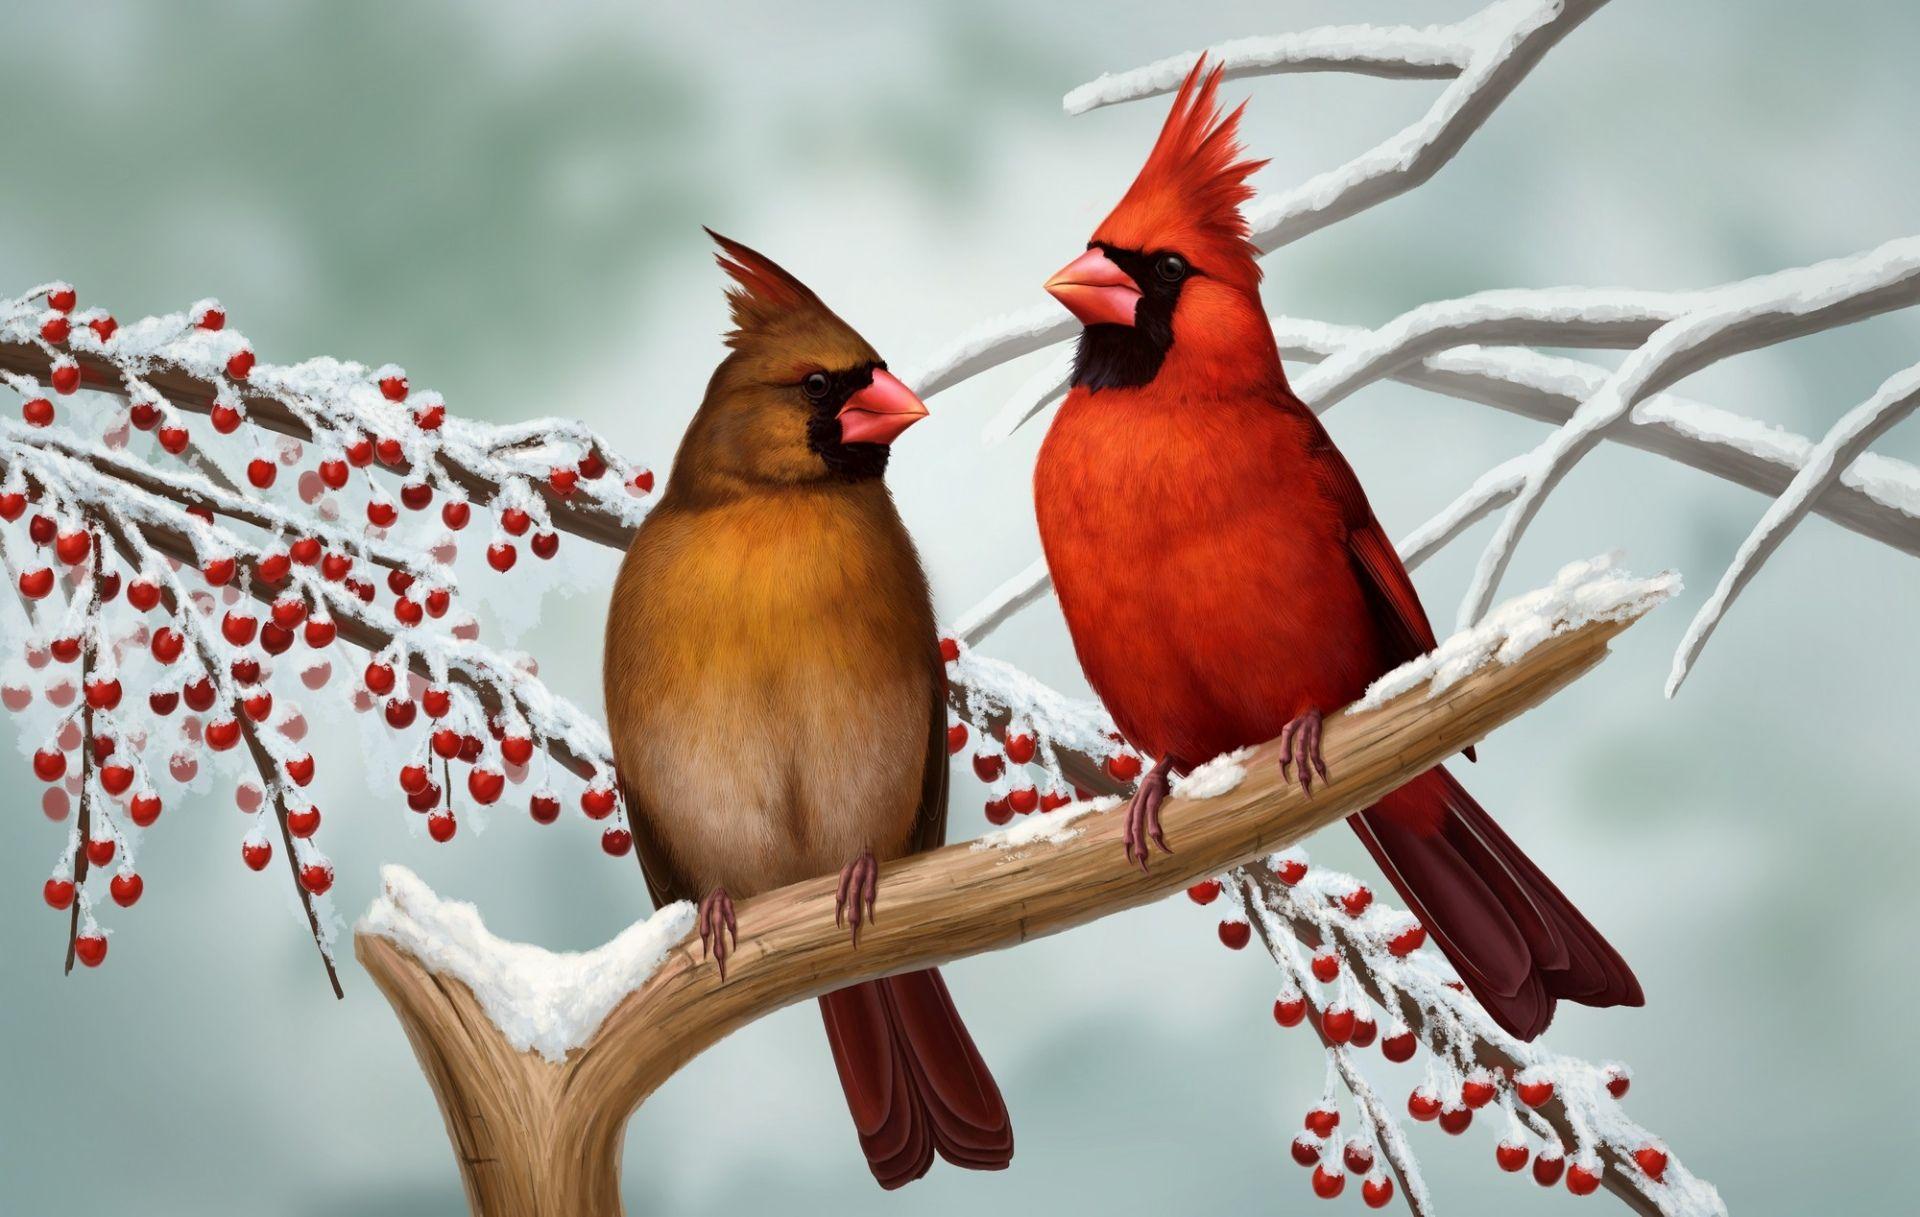 Animal Cardinal Northern Cardinal Bird Winter Couple Woman Man Wallpaper Cardinal Birds Diamond Painting Beautiful Birds